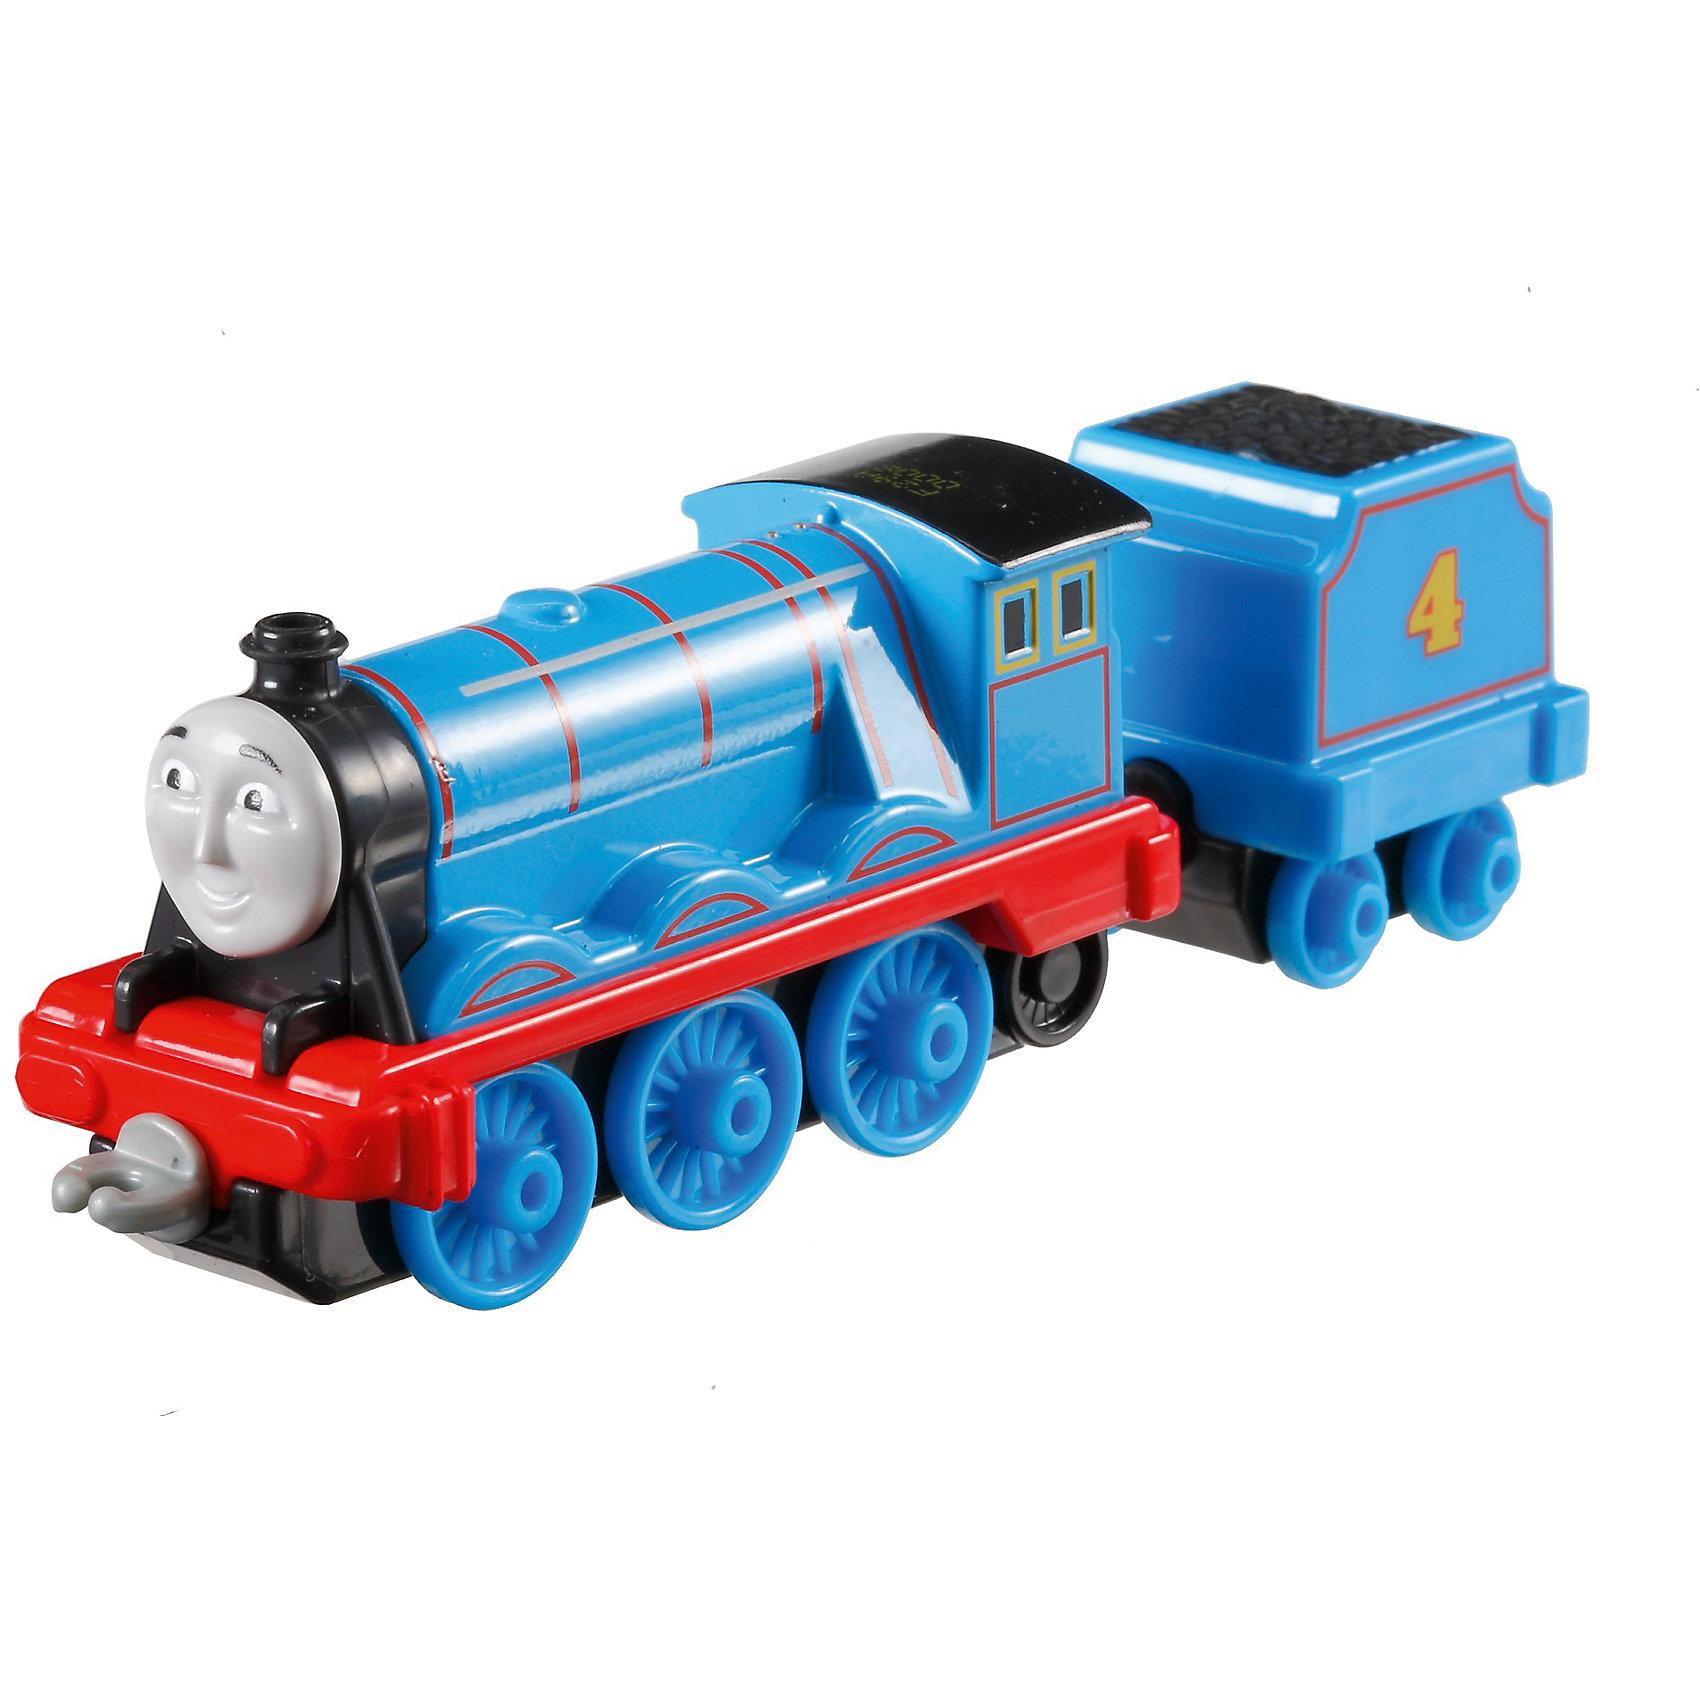 Большой паровозик, Томас и его друзьяПопулярные игрушки<br>Большой паровозик, Томас и его друзья.<br><br>Характеристики:<br><br>• Материал: пластик, металл<br>• Размер упаковки: 19х11,5х3 см.<br>• Вес: 380 гр.<br><br>Большой паровозик Гордон создан по мотивам мультфильма Томас и его друзья, невероятно популярного среди миллионов детей во всем мире. Паровозик отличается высокой степенью детализации и соответствия своему экранному прототипу. При движении позади транспортного средства забавно покачивается вагон-прицеп с грузом. <br><br>Надежные пластиковые соединения позволяют присоединять к паровозику вагончики, тендеры и другие паровозики из серии «Томас и друзья». Игрушка станет отличным подарком для поклонников мультсериала «Томас и друзья», а также для любителей железных дорог! Паровозик изготовлен из высококачественных материалов, используемые красители не содержат токсичных компонентов и полностью безопасны для здоровья ребенка.<br><br>Большой паровозик, Томас и его друзья можно купить в нашем интернет-магазине.<br><br>Ширина мм: 190<br>Глубина мм: 35<br>Высота мм: 115<br>Вес г: 54<br>Возраст от месяцев: 36<br>Возраст до месяцев: 120<br>Пол: Мужской<br>Возраст: Детский<br>SKU: 5440306